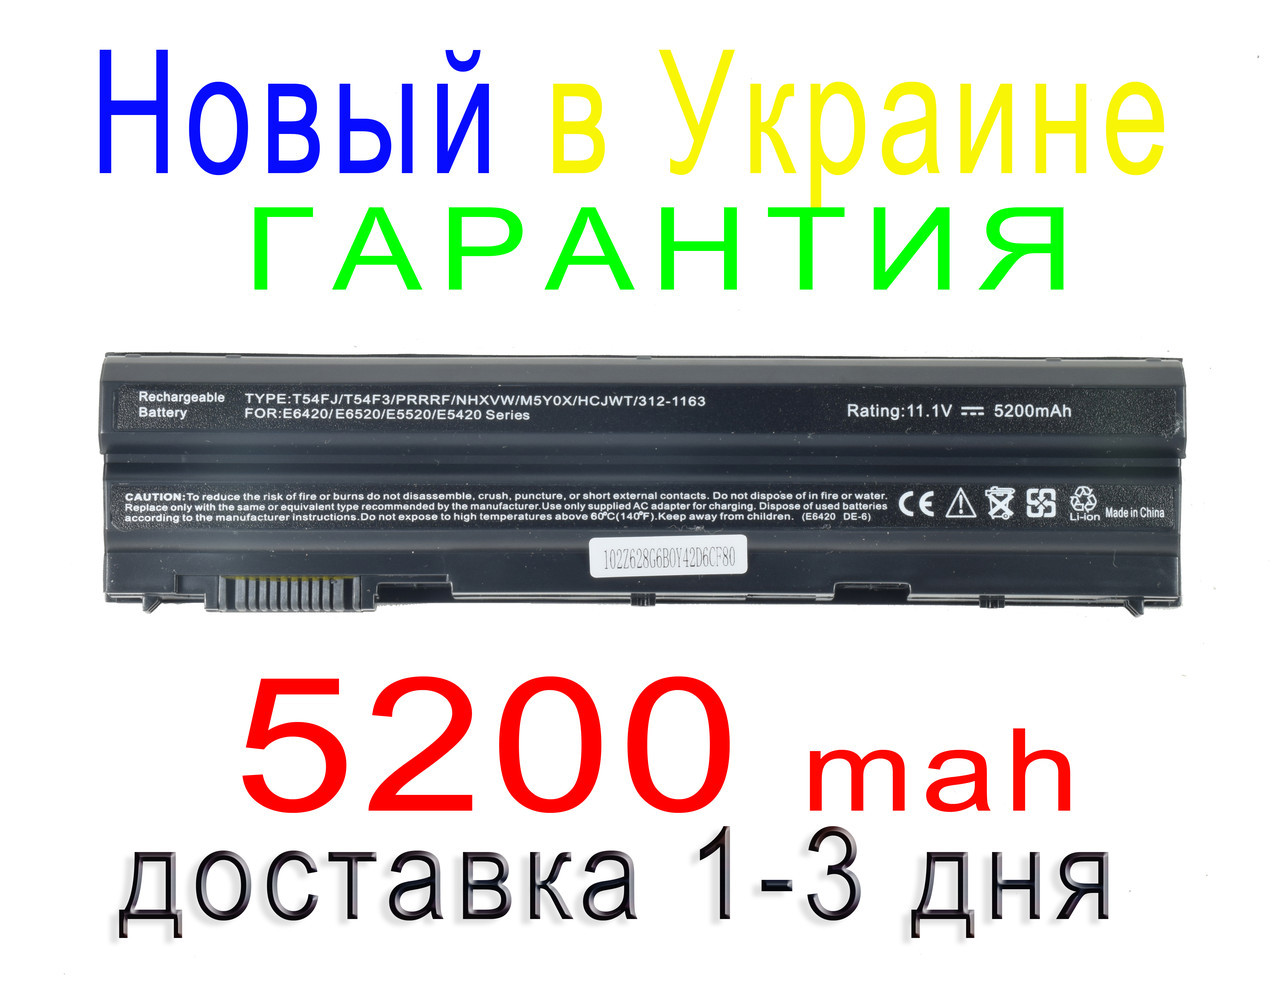 Аккумулятор батарея DELL Inspiron 7420 7520 7720 -3239 7720 M421R M521R N4420 N4520 N4720 N5420